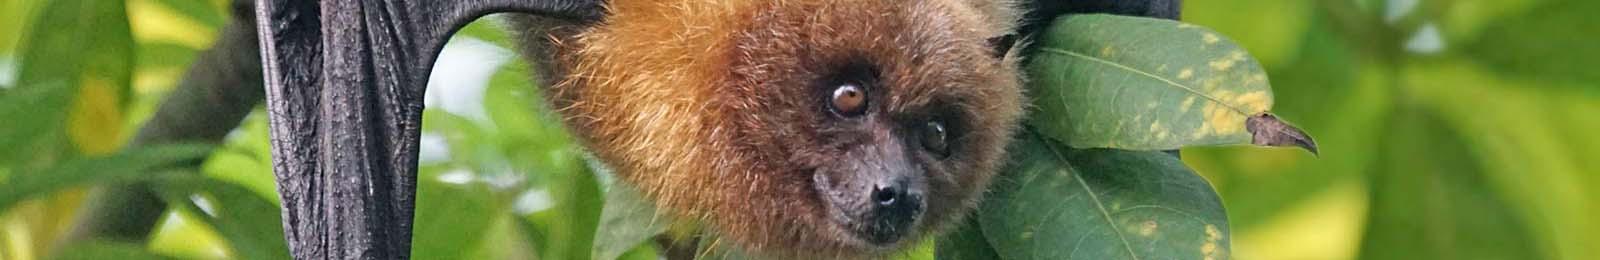 Flying Fox header image